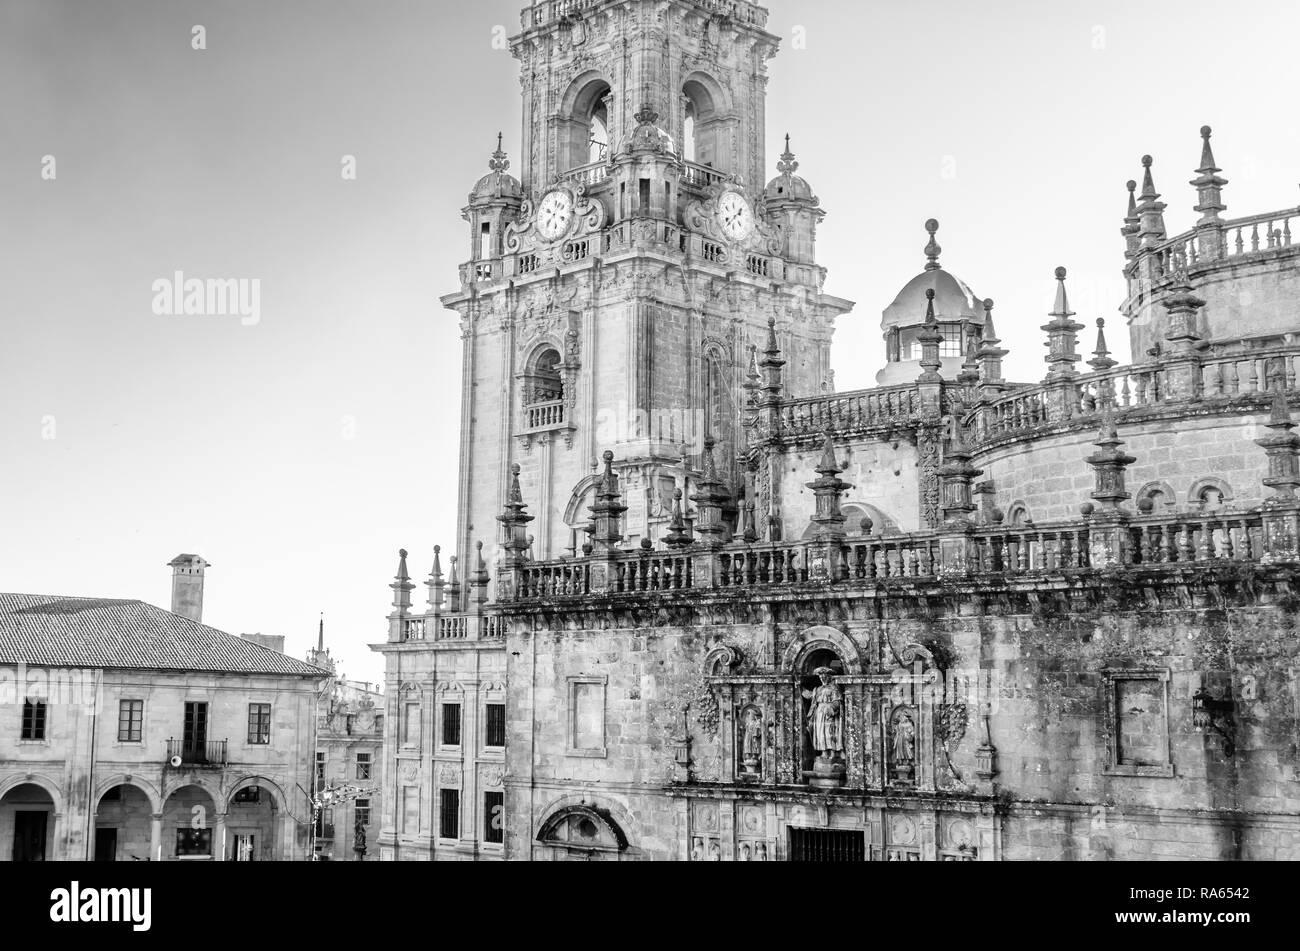 L'architecture religieuse, cathédrale de Saint Jacques de Compostelle, lieu de pèlerinage en Espagne, l'image en noir et blanc Banque D'Images